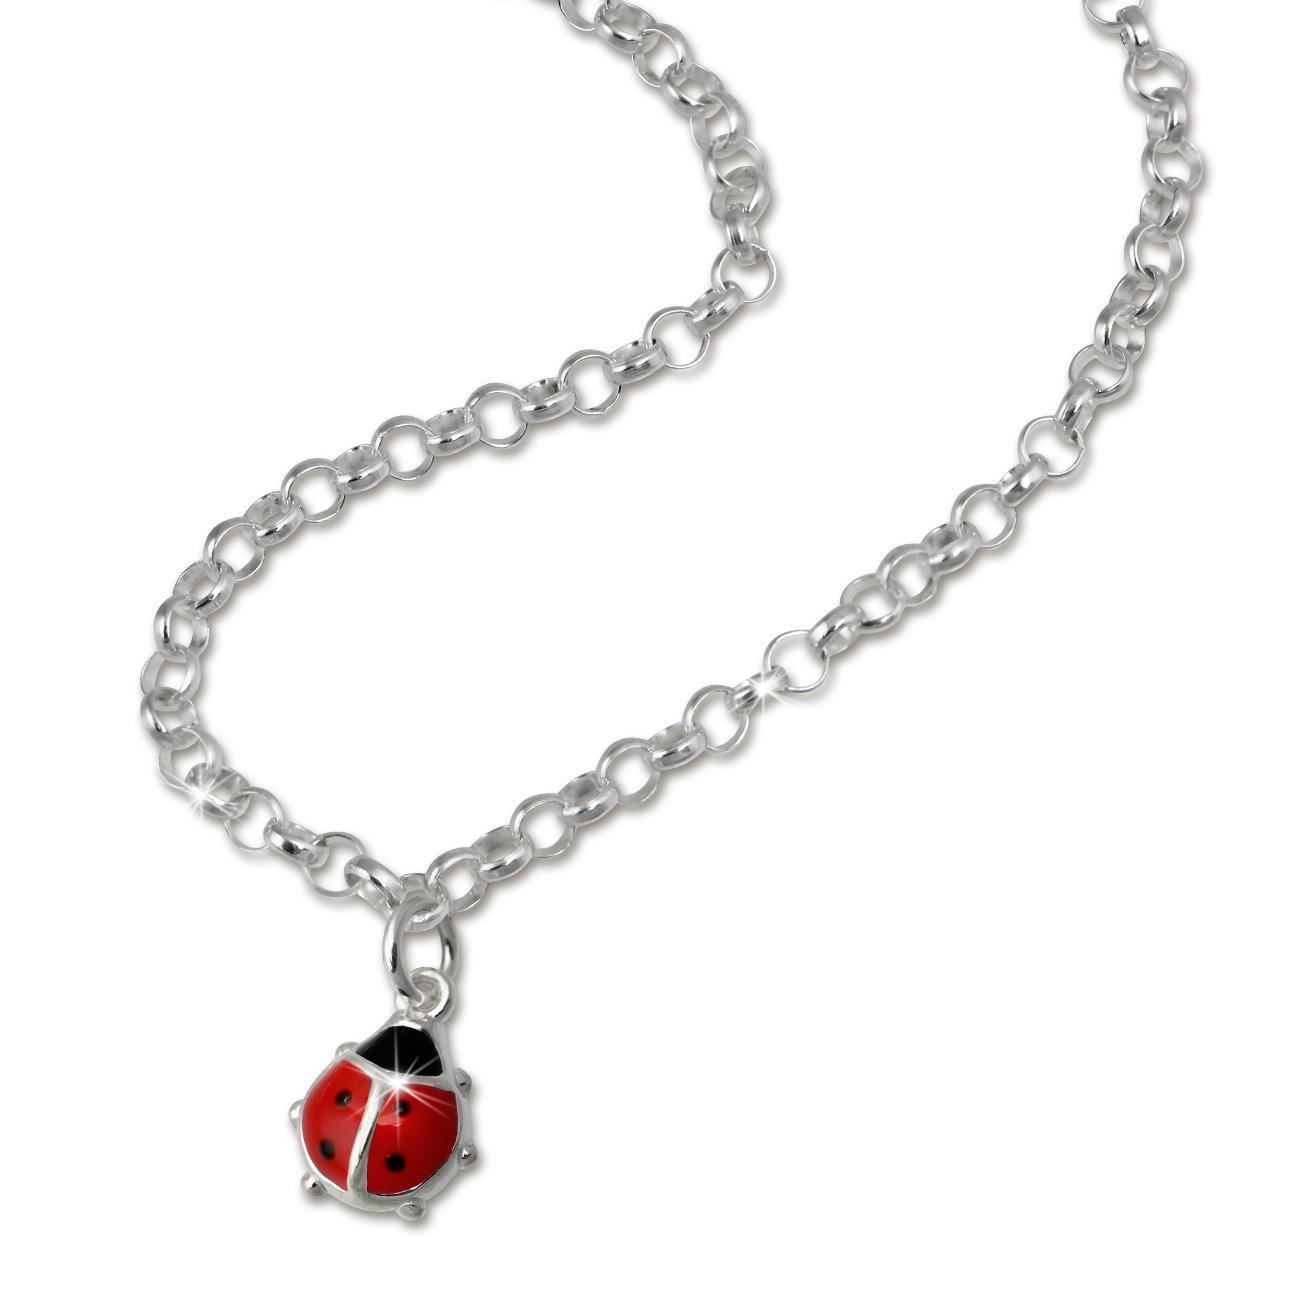 SilberDream Marienkäfer-Kette für Kinder Halskette Kinderschmuck aus 925 Sterling Silber SDK01038 B004PHS89E